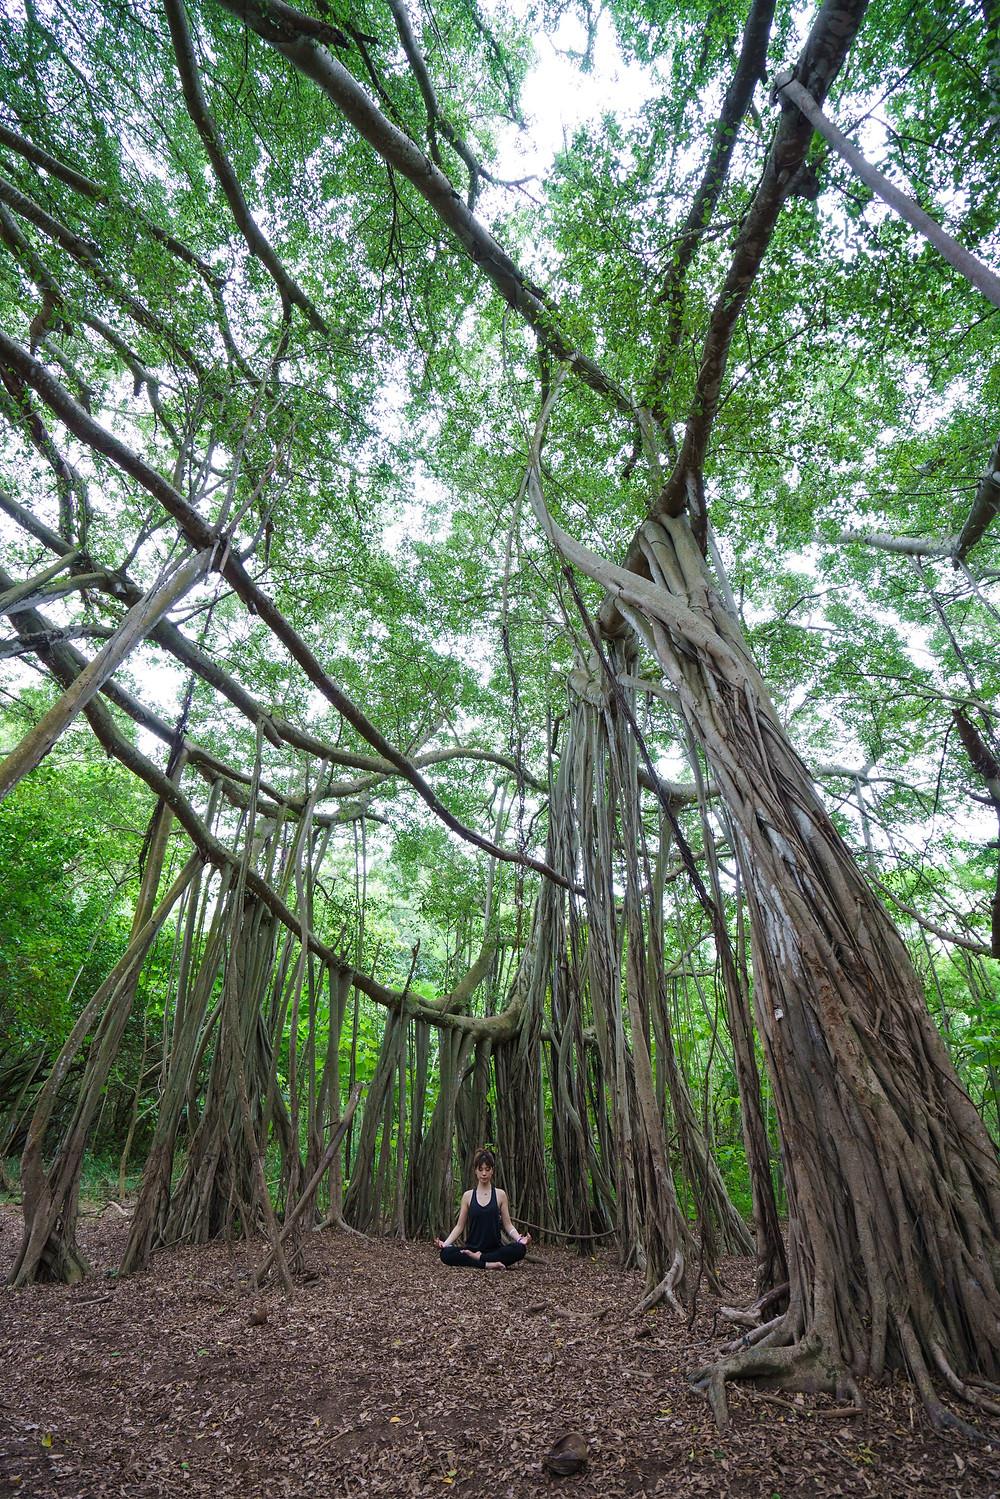 木の下で瞑想ポーズ。菩提樹のブッダみたいに厳かな感じ。だけど撮影した夕方は蚊が多くてモデルさん刺されまくり。撮り終わったよと伝えた途端、モデルさんはダッシュで退散(笑) (Photo/Tomohito Ishimaru)